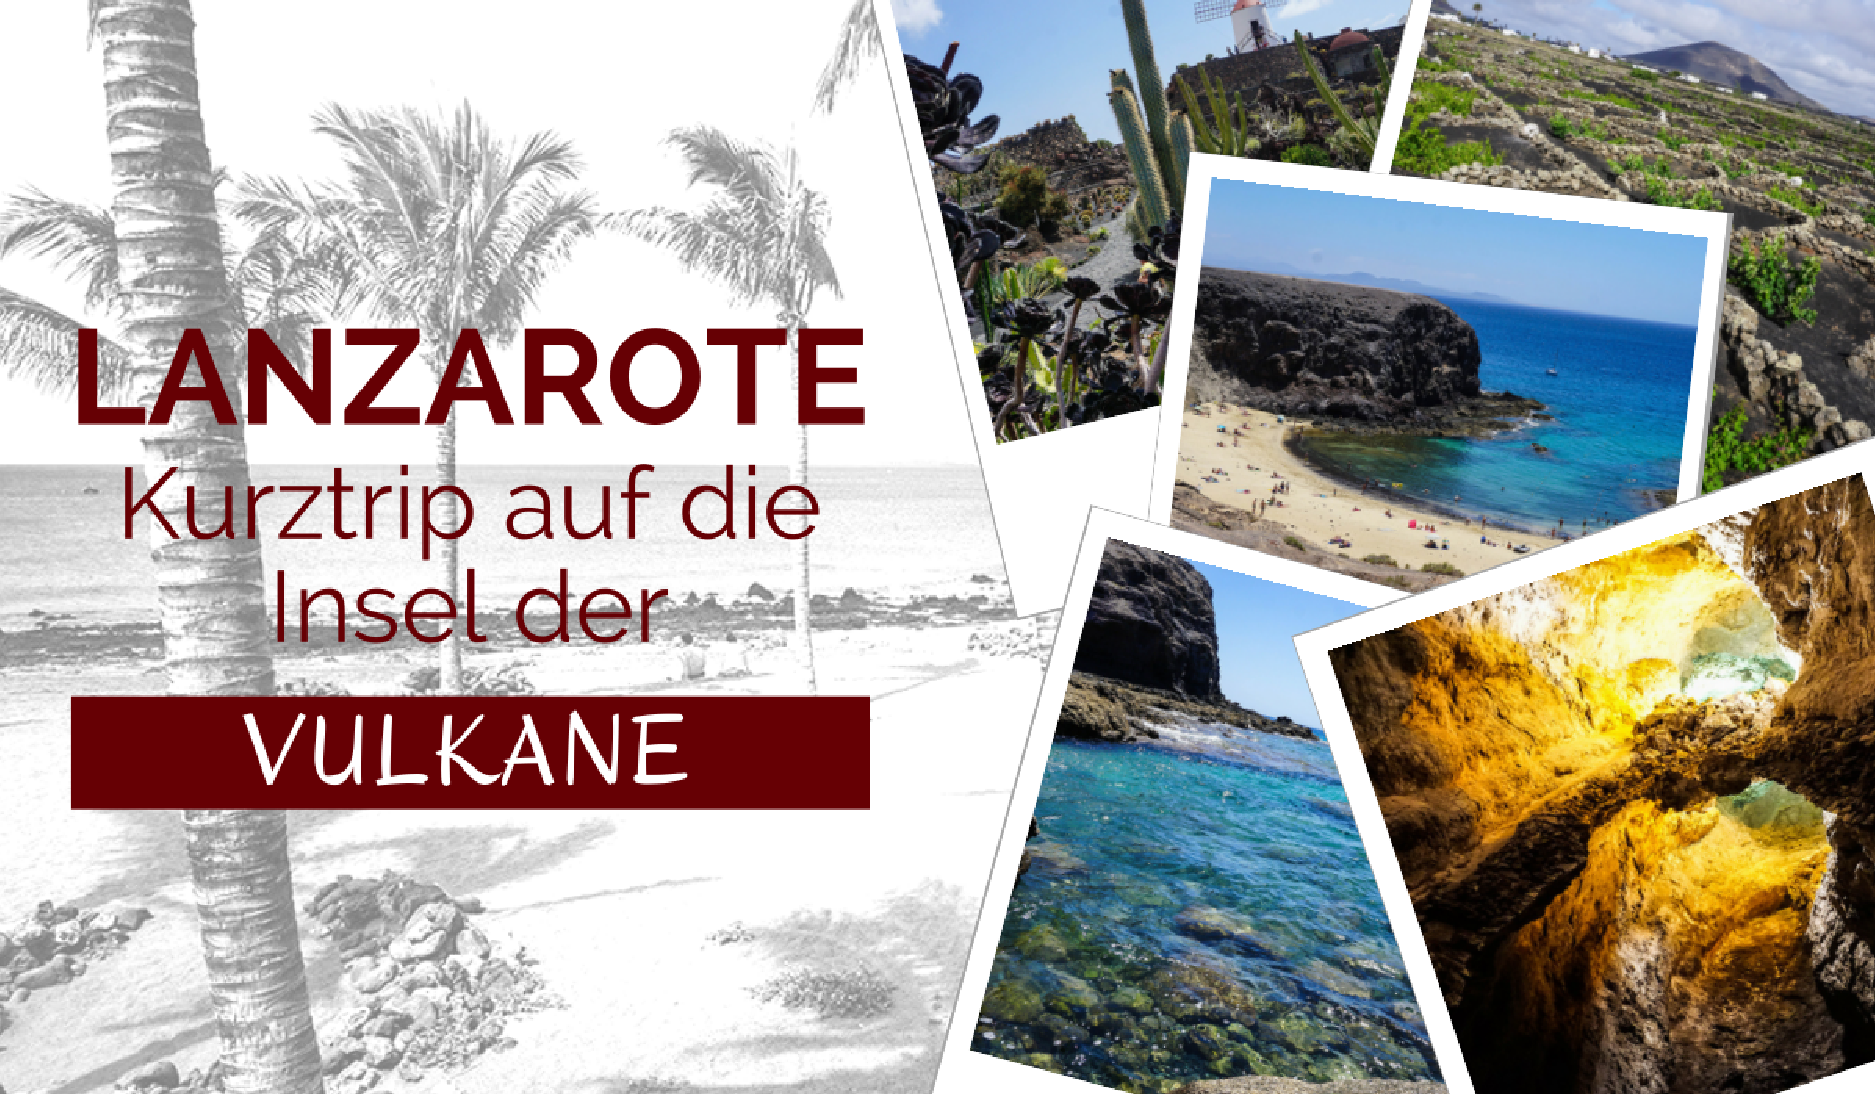 Introbild - Lanzarote - Reisebericht - individuell